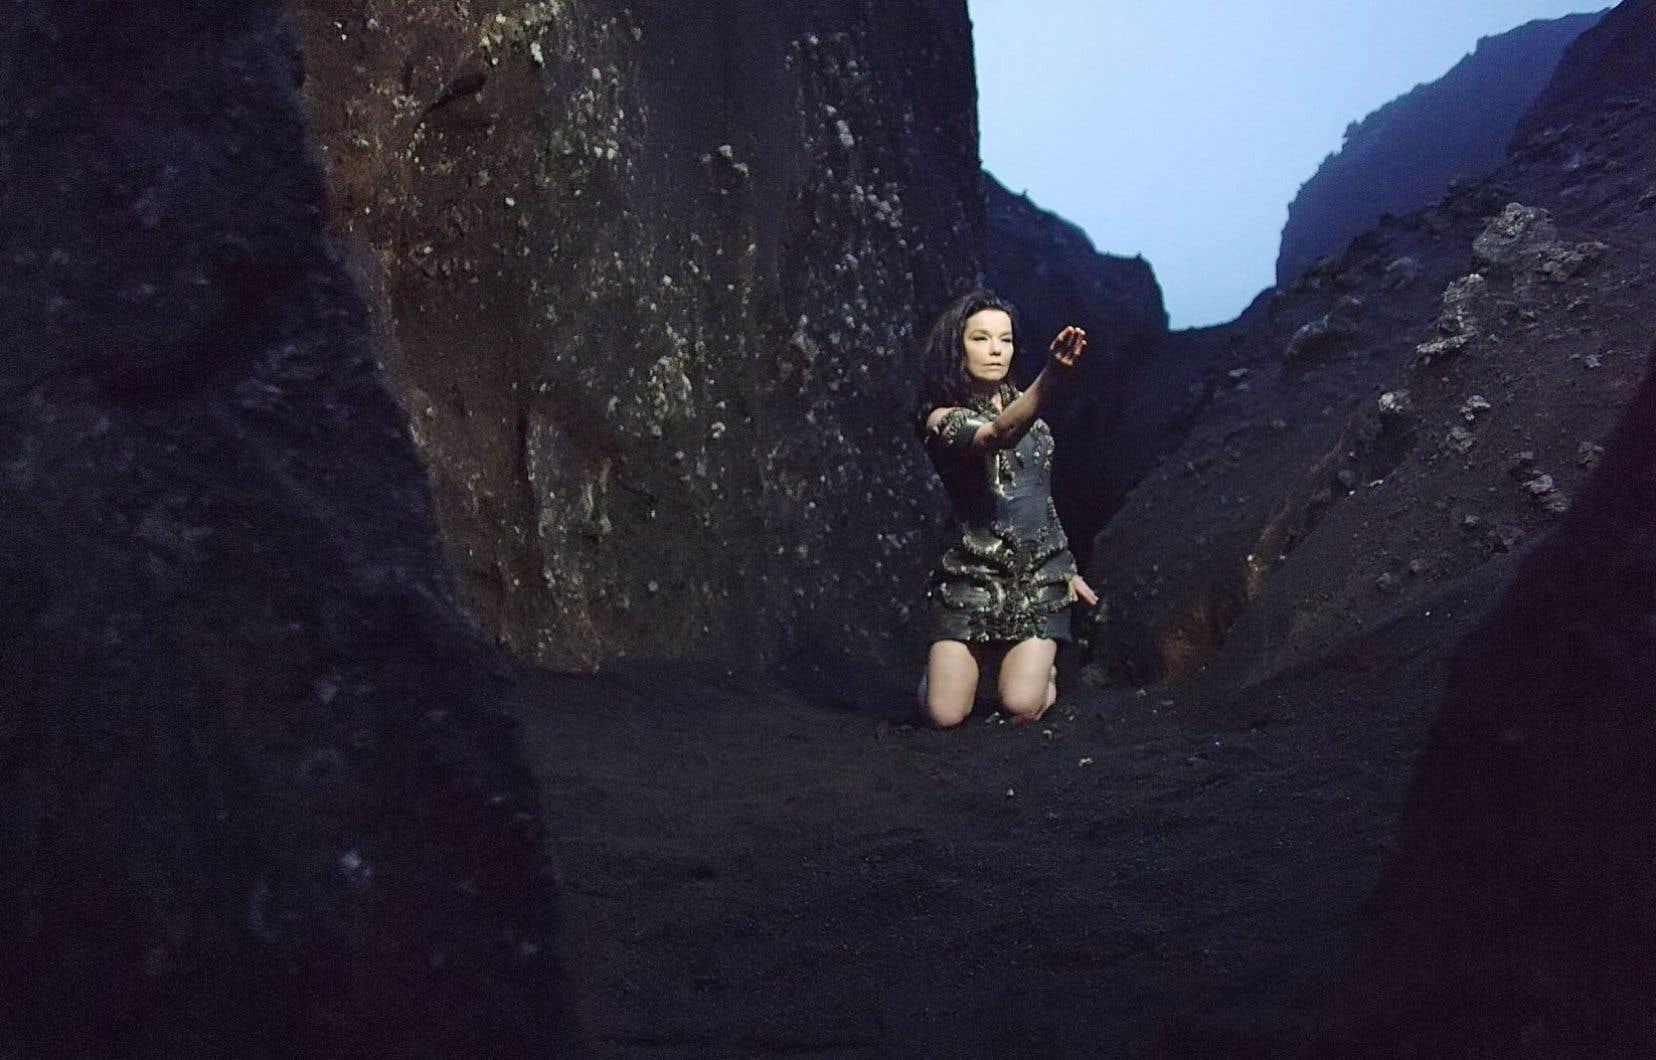 La vidéo «Black Lake», dans sa version en réalité virtuelle, peut être visionnée au sein de «Björk Digital».